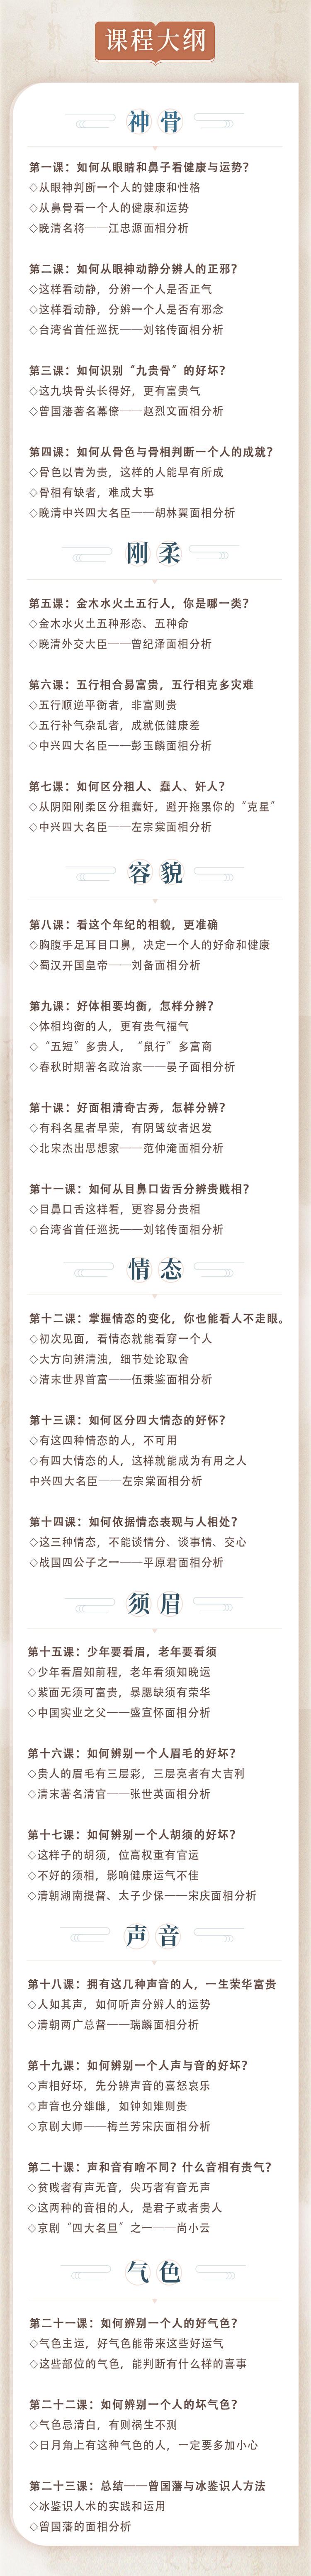 曾国藩识人术-课程页0808_04.jpg